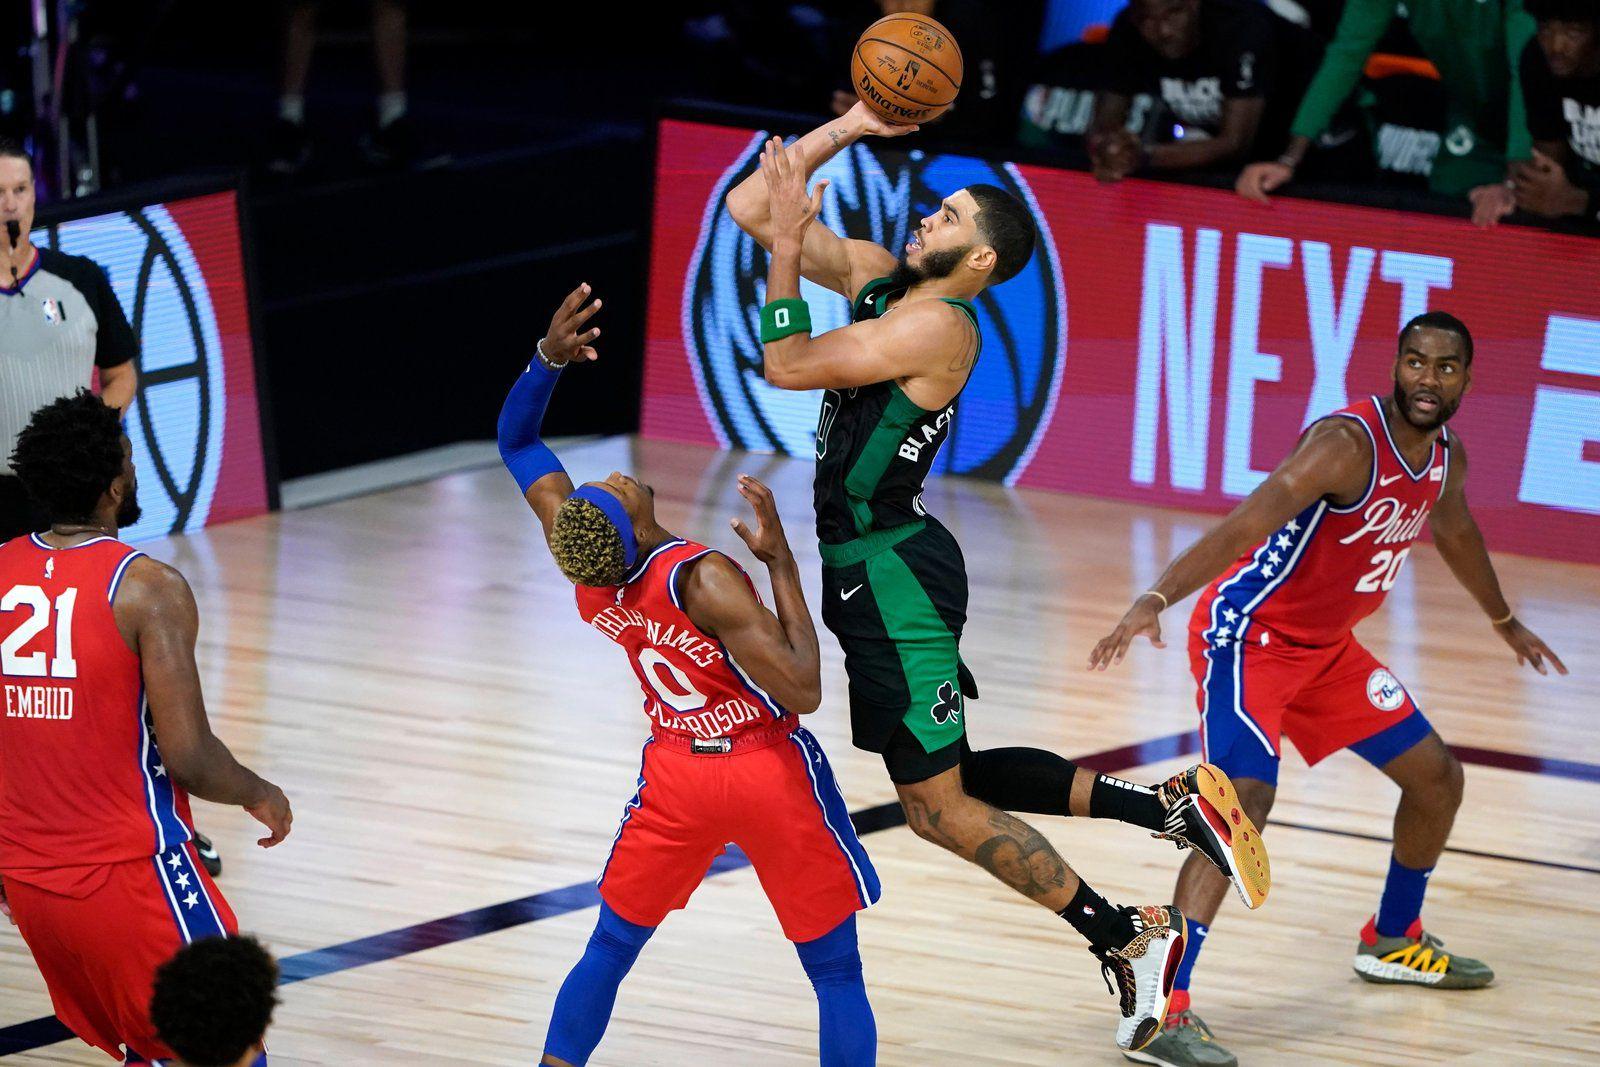 Emmenés par Brown (29 pts) et Tatum (32 pts et 13 rebonds), les Celtics ont pris le meilleur sur Philadelphie (109-101) et Embiid (26 pts). Seul bémol de la soirée, la blessure de Gordon Hayward.